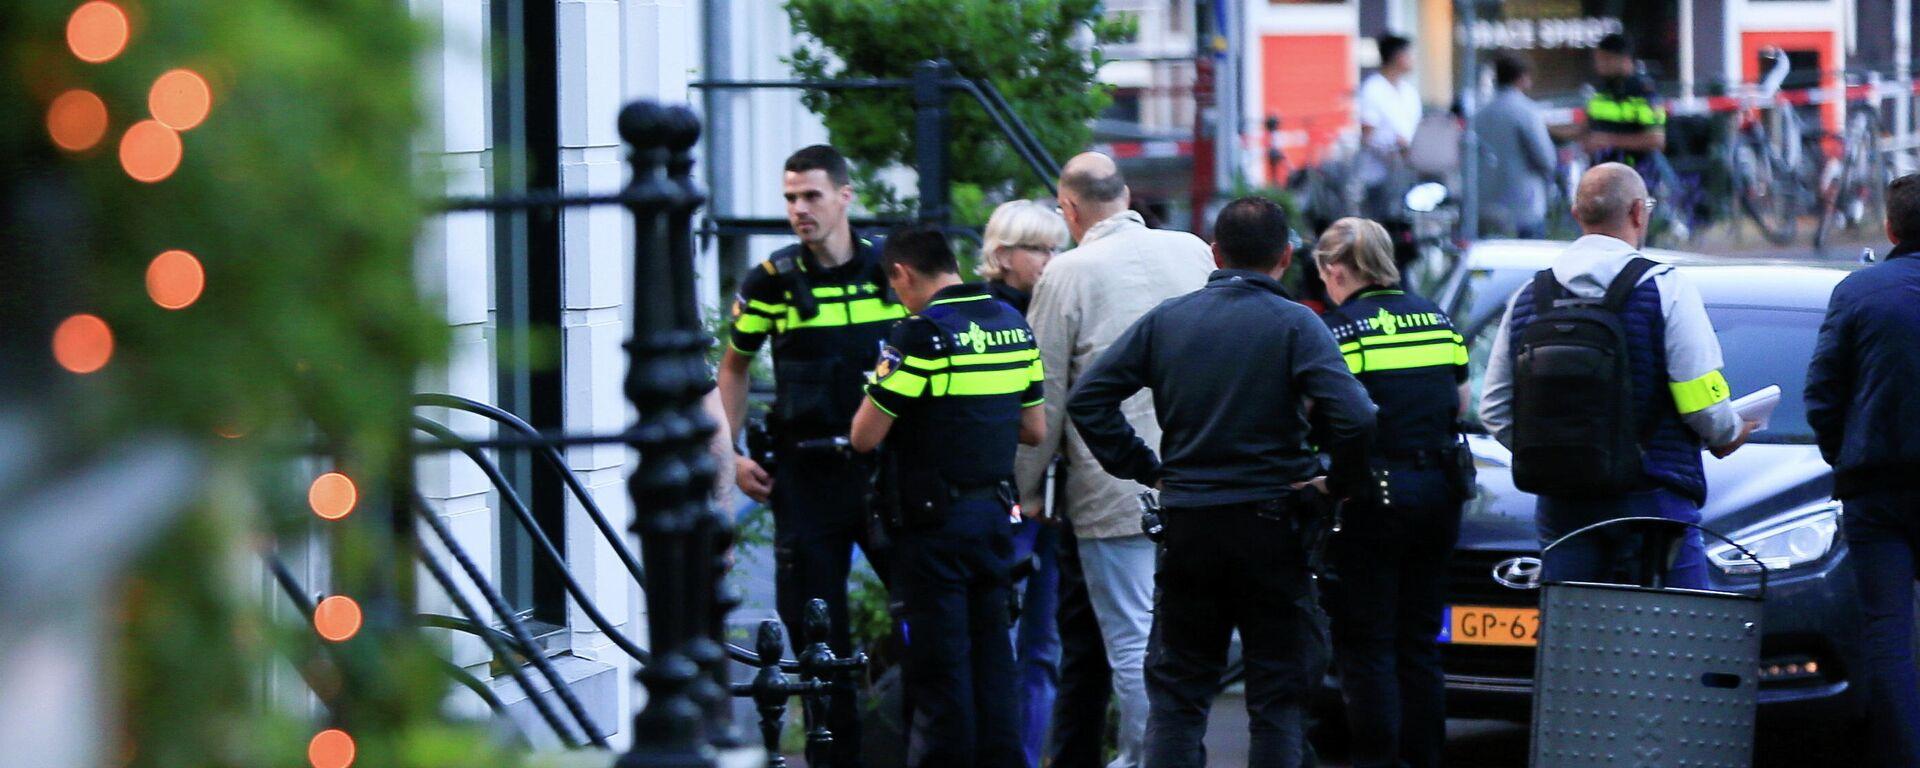 Polizei ermittelt am Tatort des Anschlags auf Peter R. de Vries. - SNA, 1920, 06.07.2021